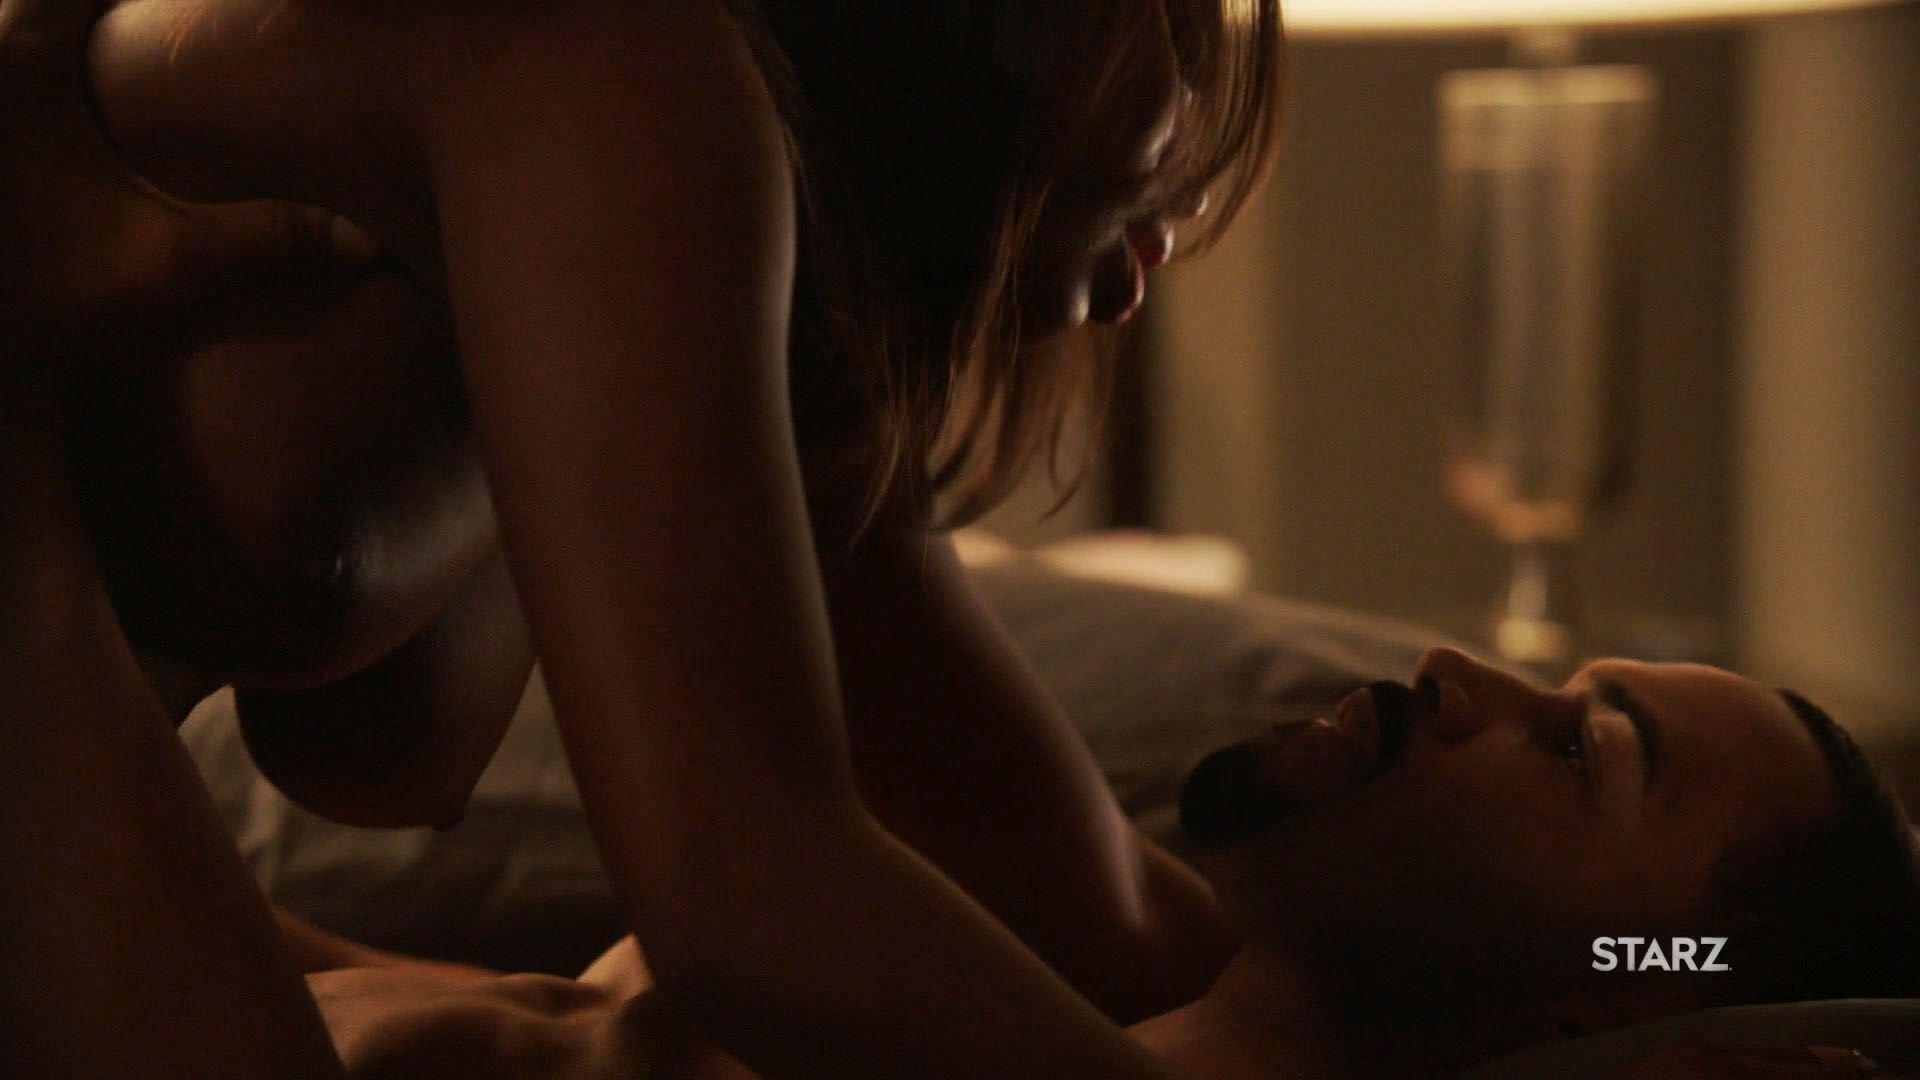 nudist sex naturi naughton